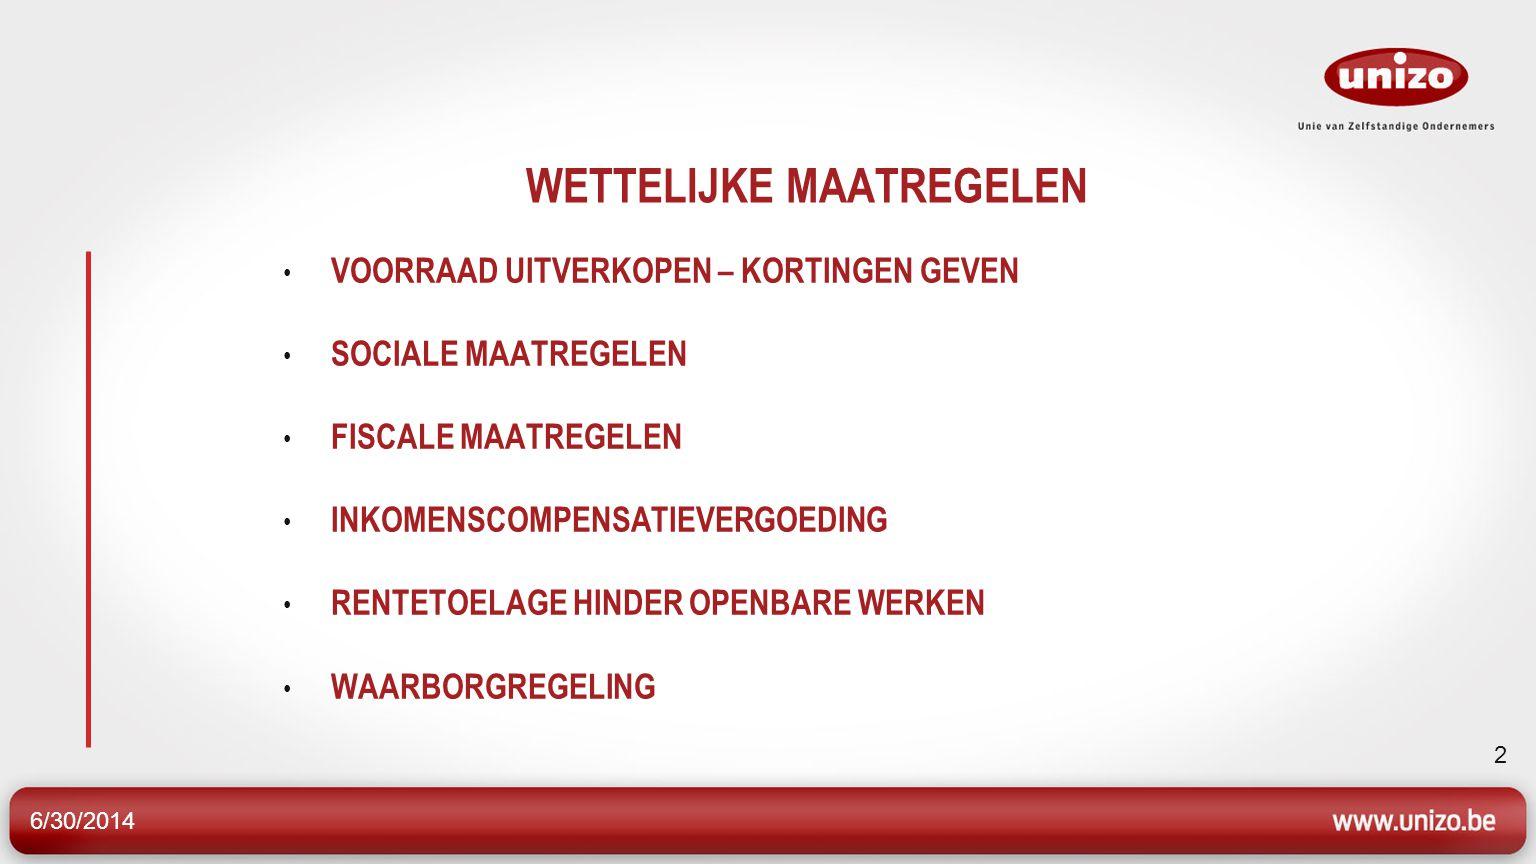 6/30/2014 23 WETTELIJKE MAATREGELEN • VOORRAAD UITVERKOPEN • SOCIALE MAATREGELEN • FISCALE MAATREGELEN • INKOMENSCOMPENSATIEVERGOEDING • RENTETOELAGE HINDER OPENBARE WERKEN • WAARBORGREGELING